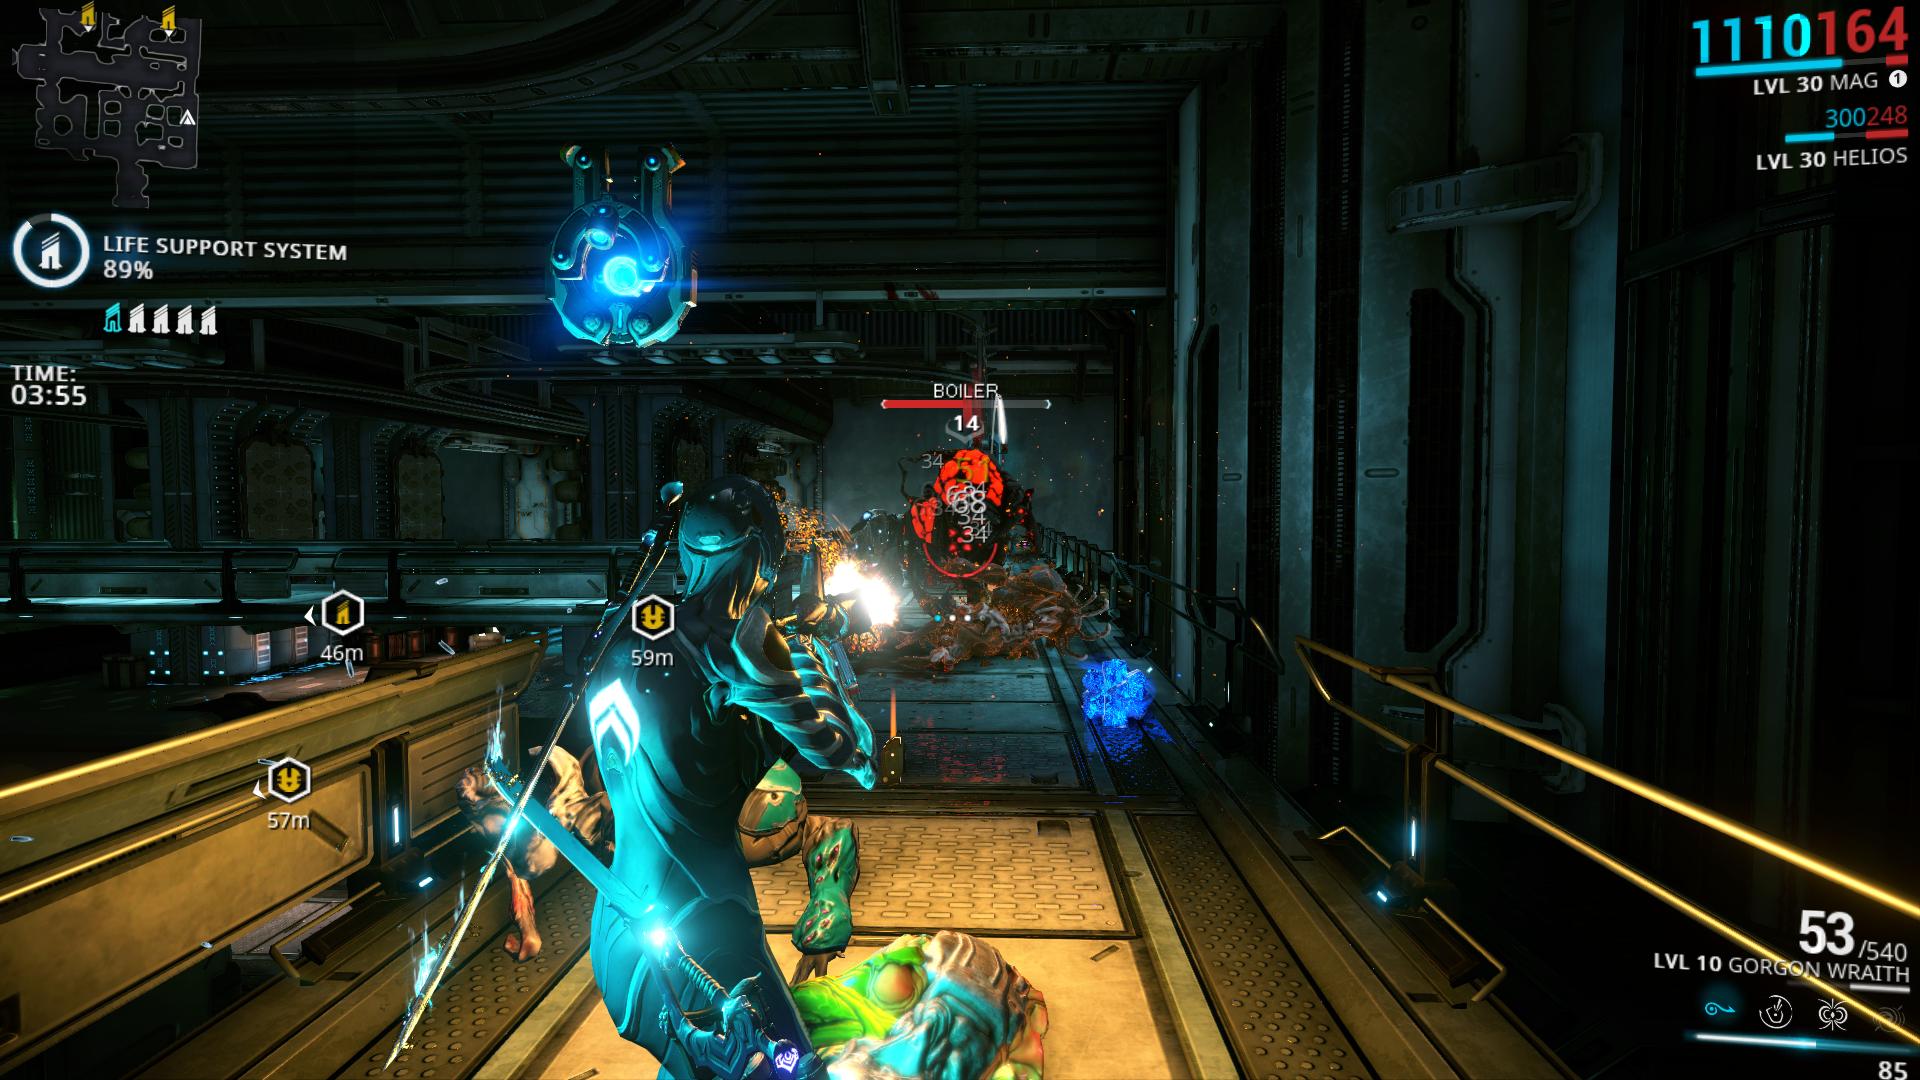 Descarga Warframe Gratis en PC, PS4 y Xbox One.